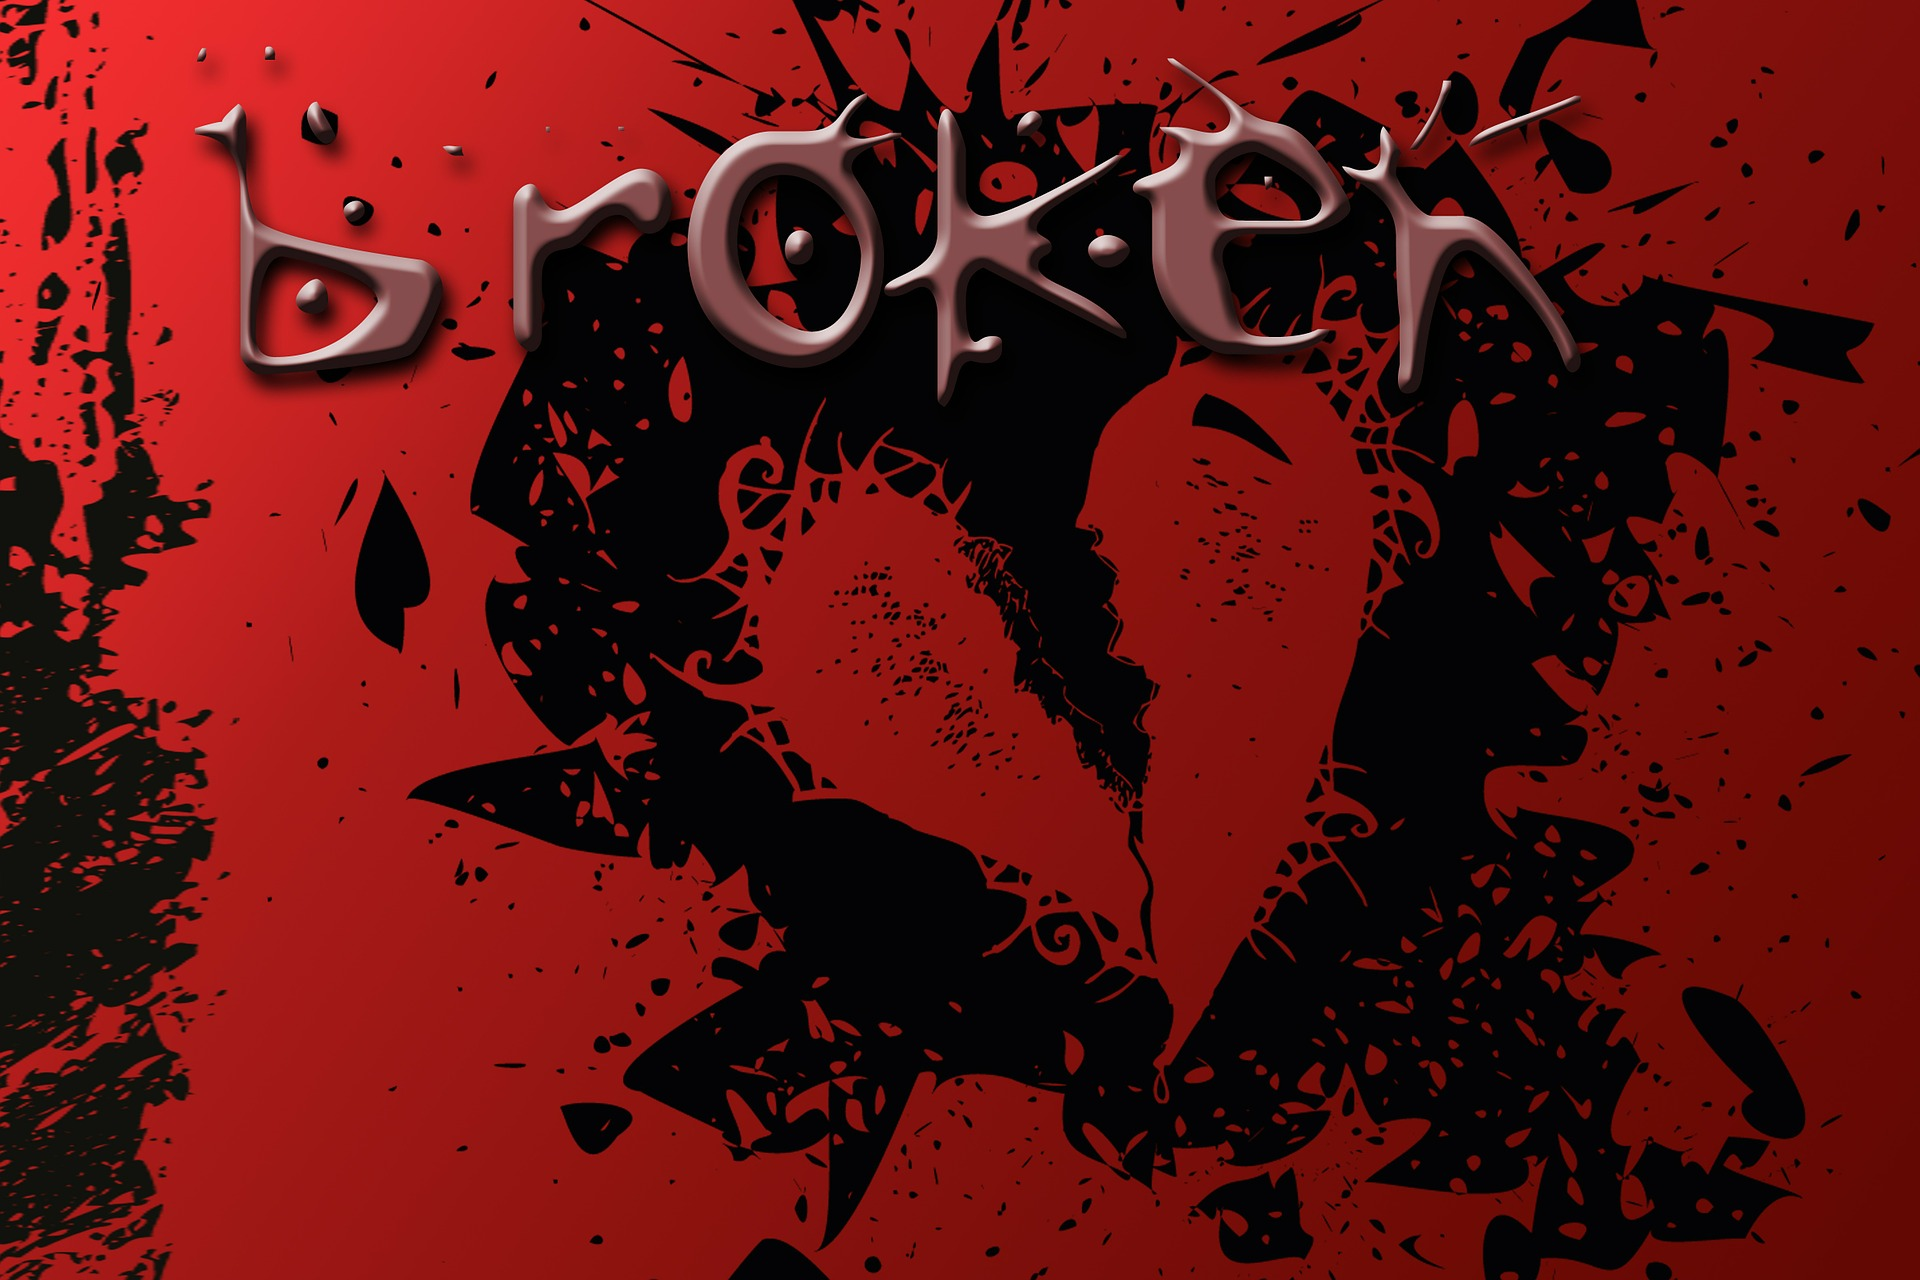 heart-239667_1920.jpg